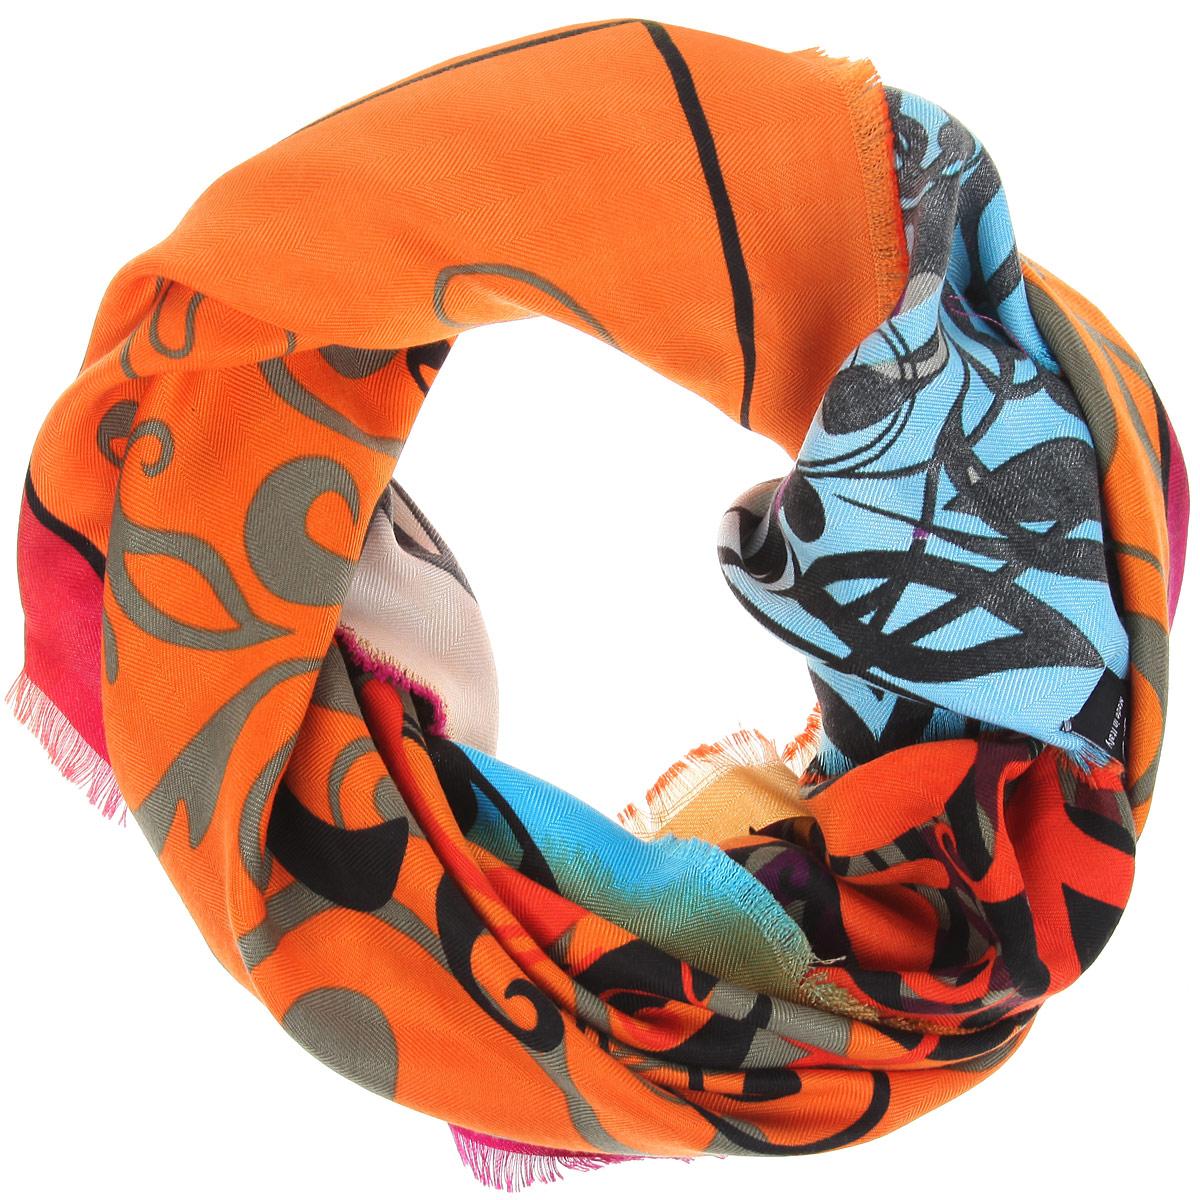 Платок женский. BH-11531BH-11531-5Элегантный платок от Sophie Ramage внесет изысканные нотки в ваш образ. Модель выполнена из модала с добавлением кашемира и декорирована изумительным орнаментом. Края платка оформлены бахромой. Этот модный аксессуар женского гардероба гармонично дополнит образ современной женщины, следящей за своим имиджем и стремящейся всегда оставаться стильной и женственной.